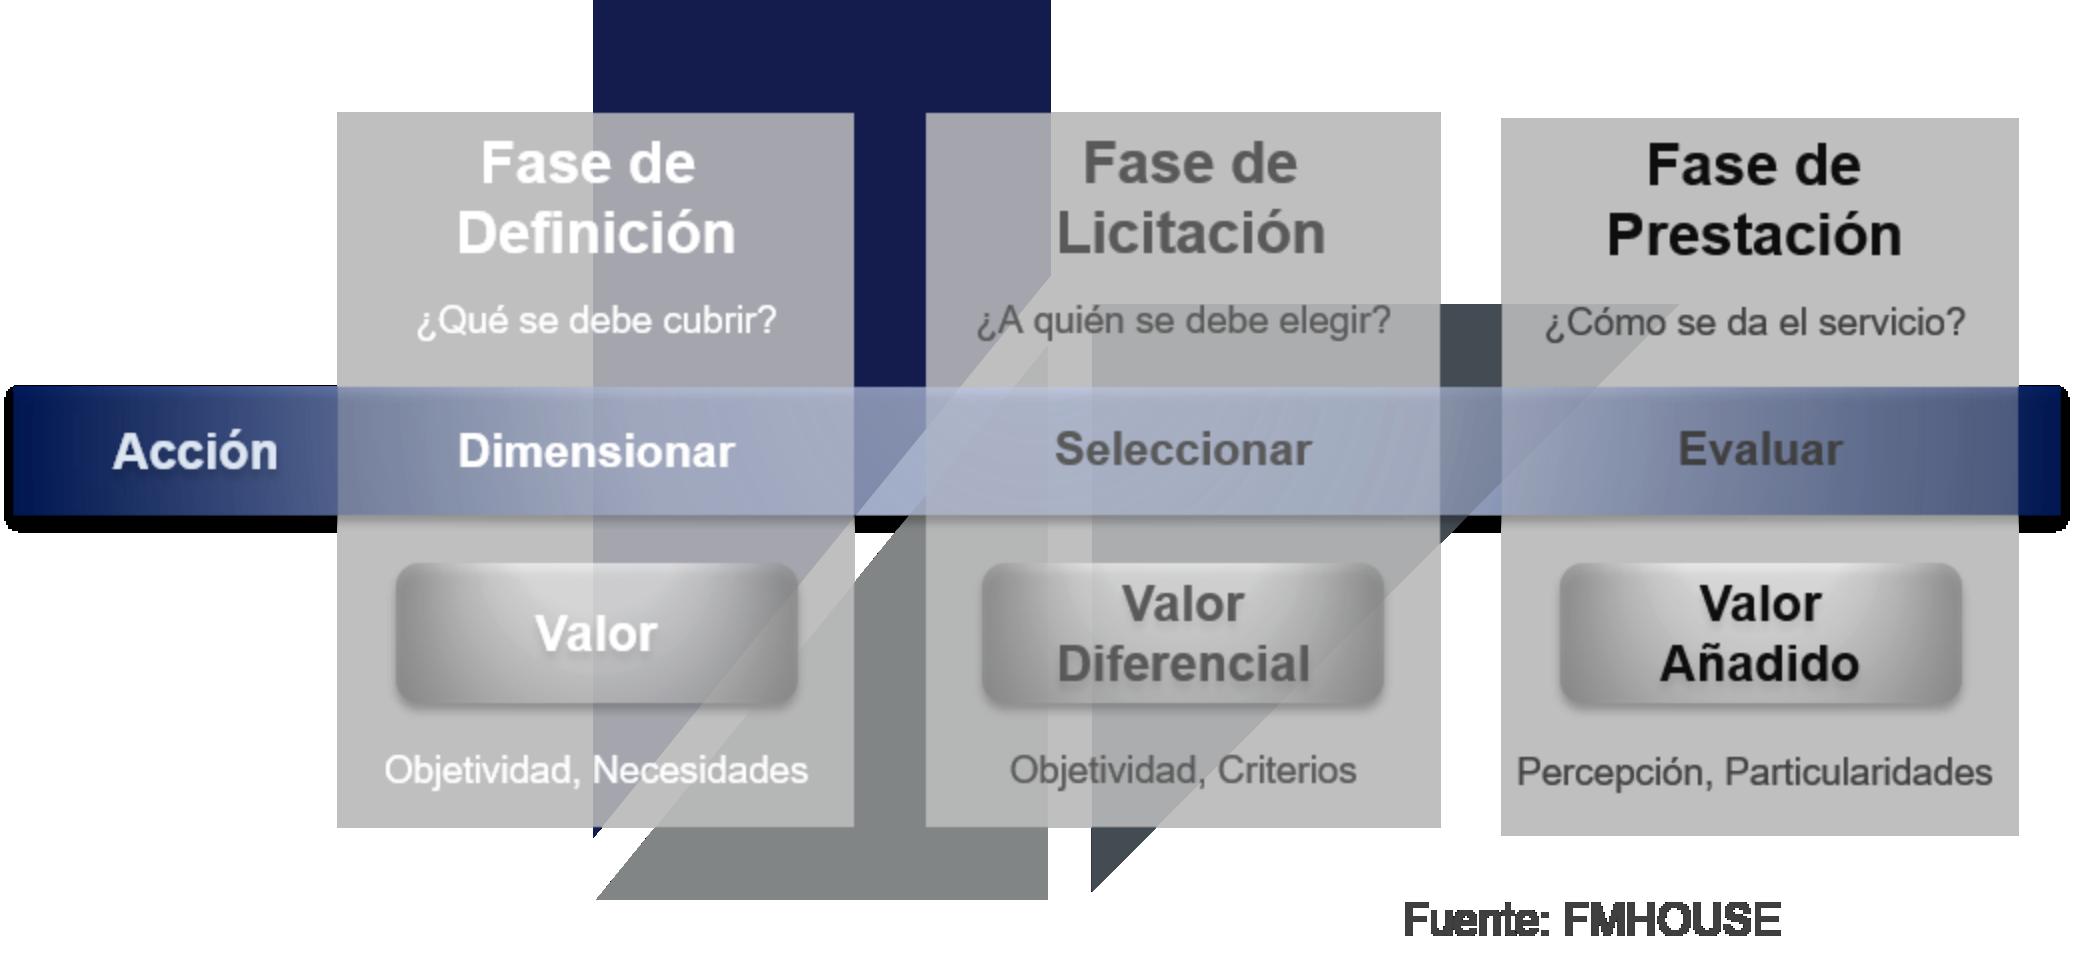 Valor Añadido al Ciclo del Servicio